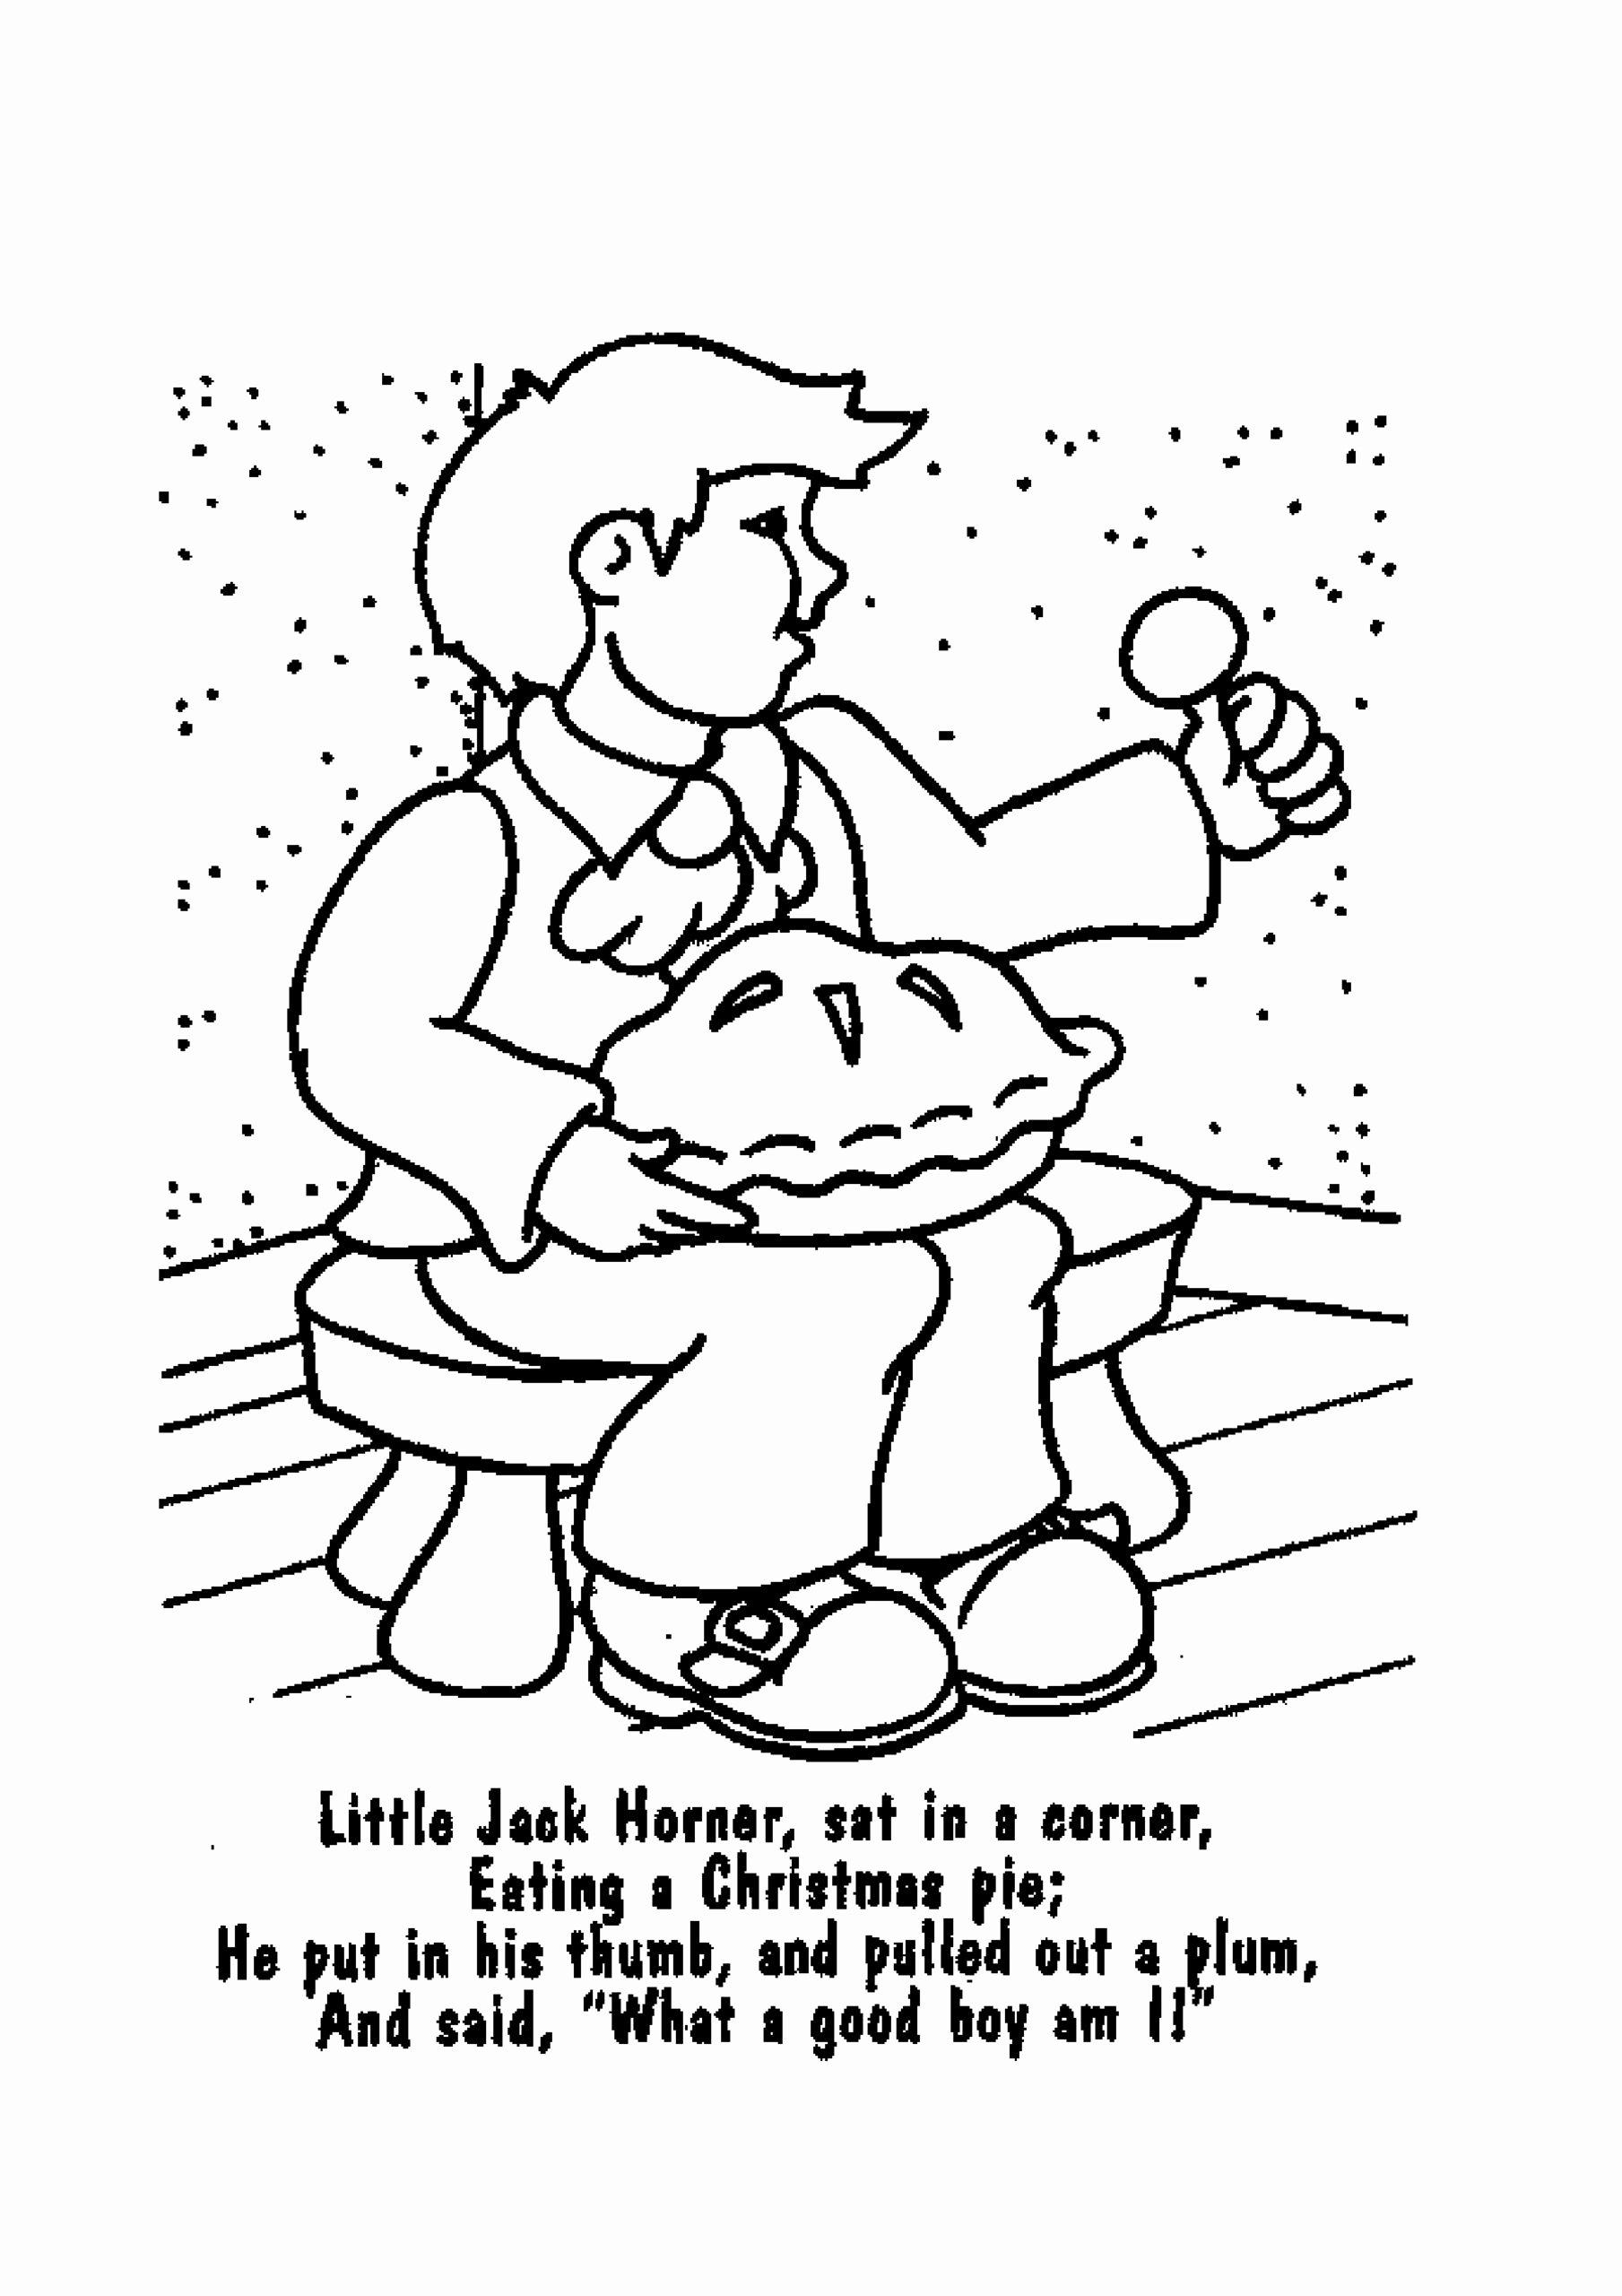 Nursery Rhymes Worksheets for Preschoolers Ideas Nursery Rhymes Coloring Printable Free – Kingandsullivan